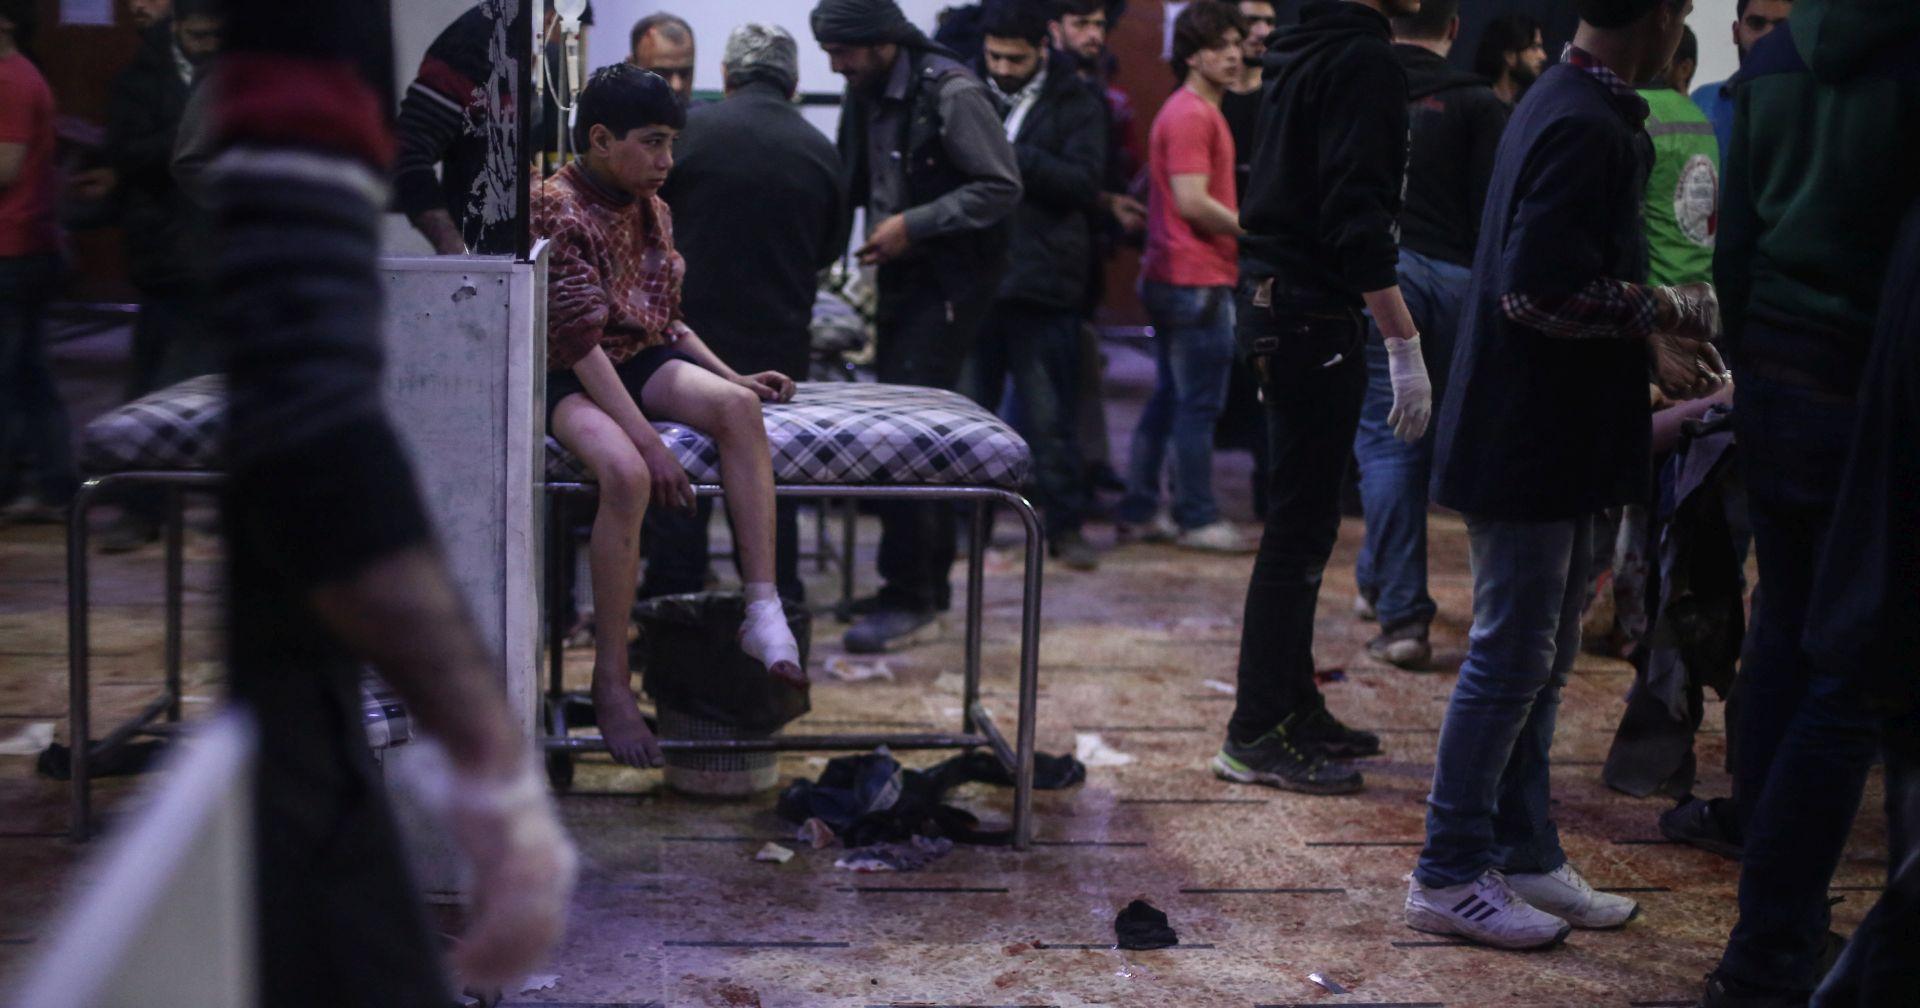 KEMIJSKI NAPAD U SIRIJI 72 žrtve, nacrt rezolucije pred VS-om